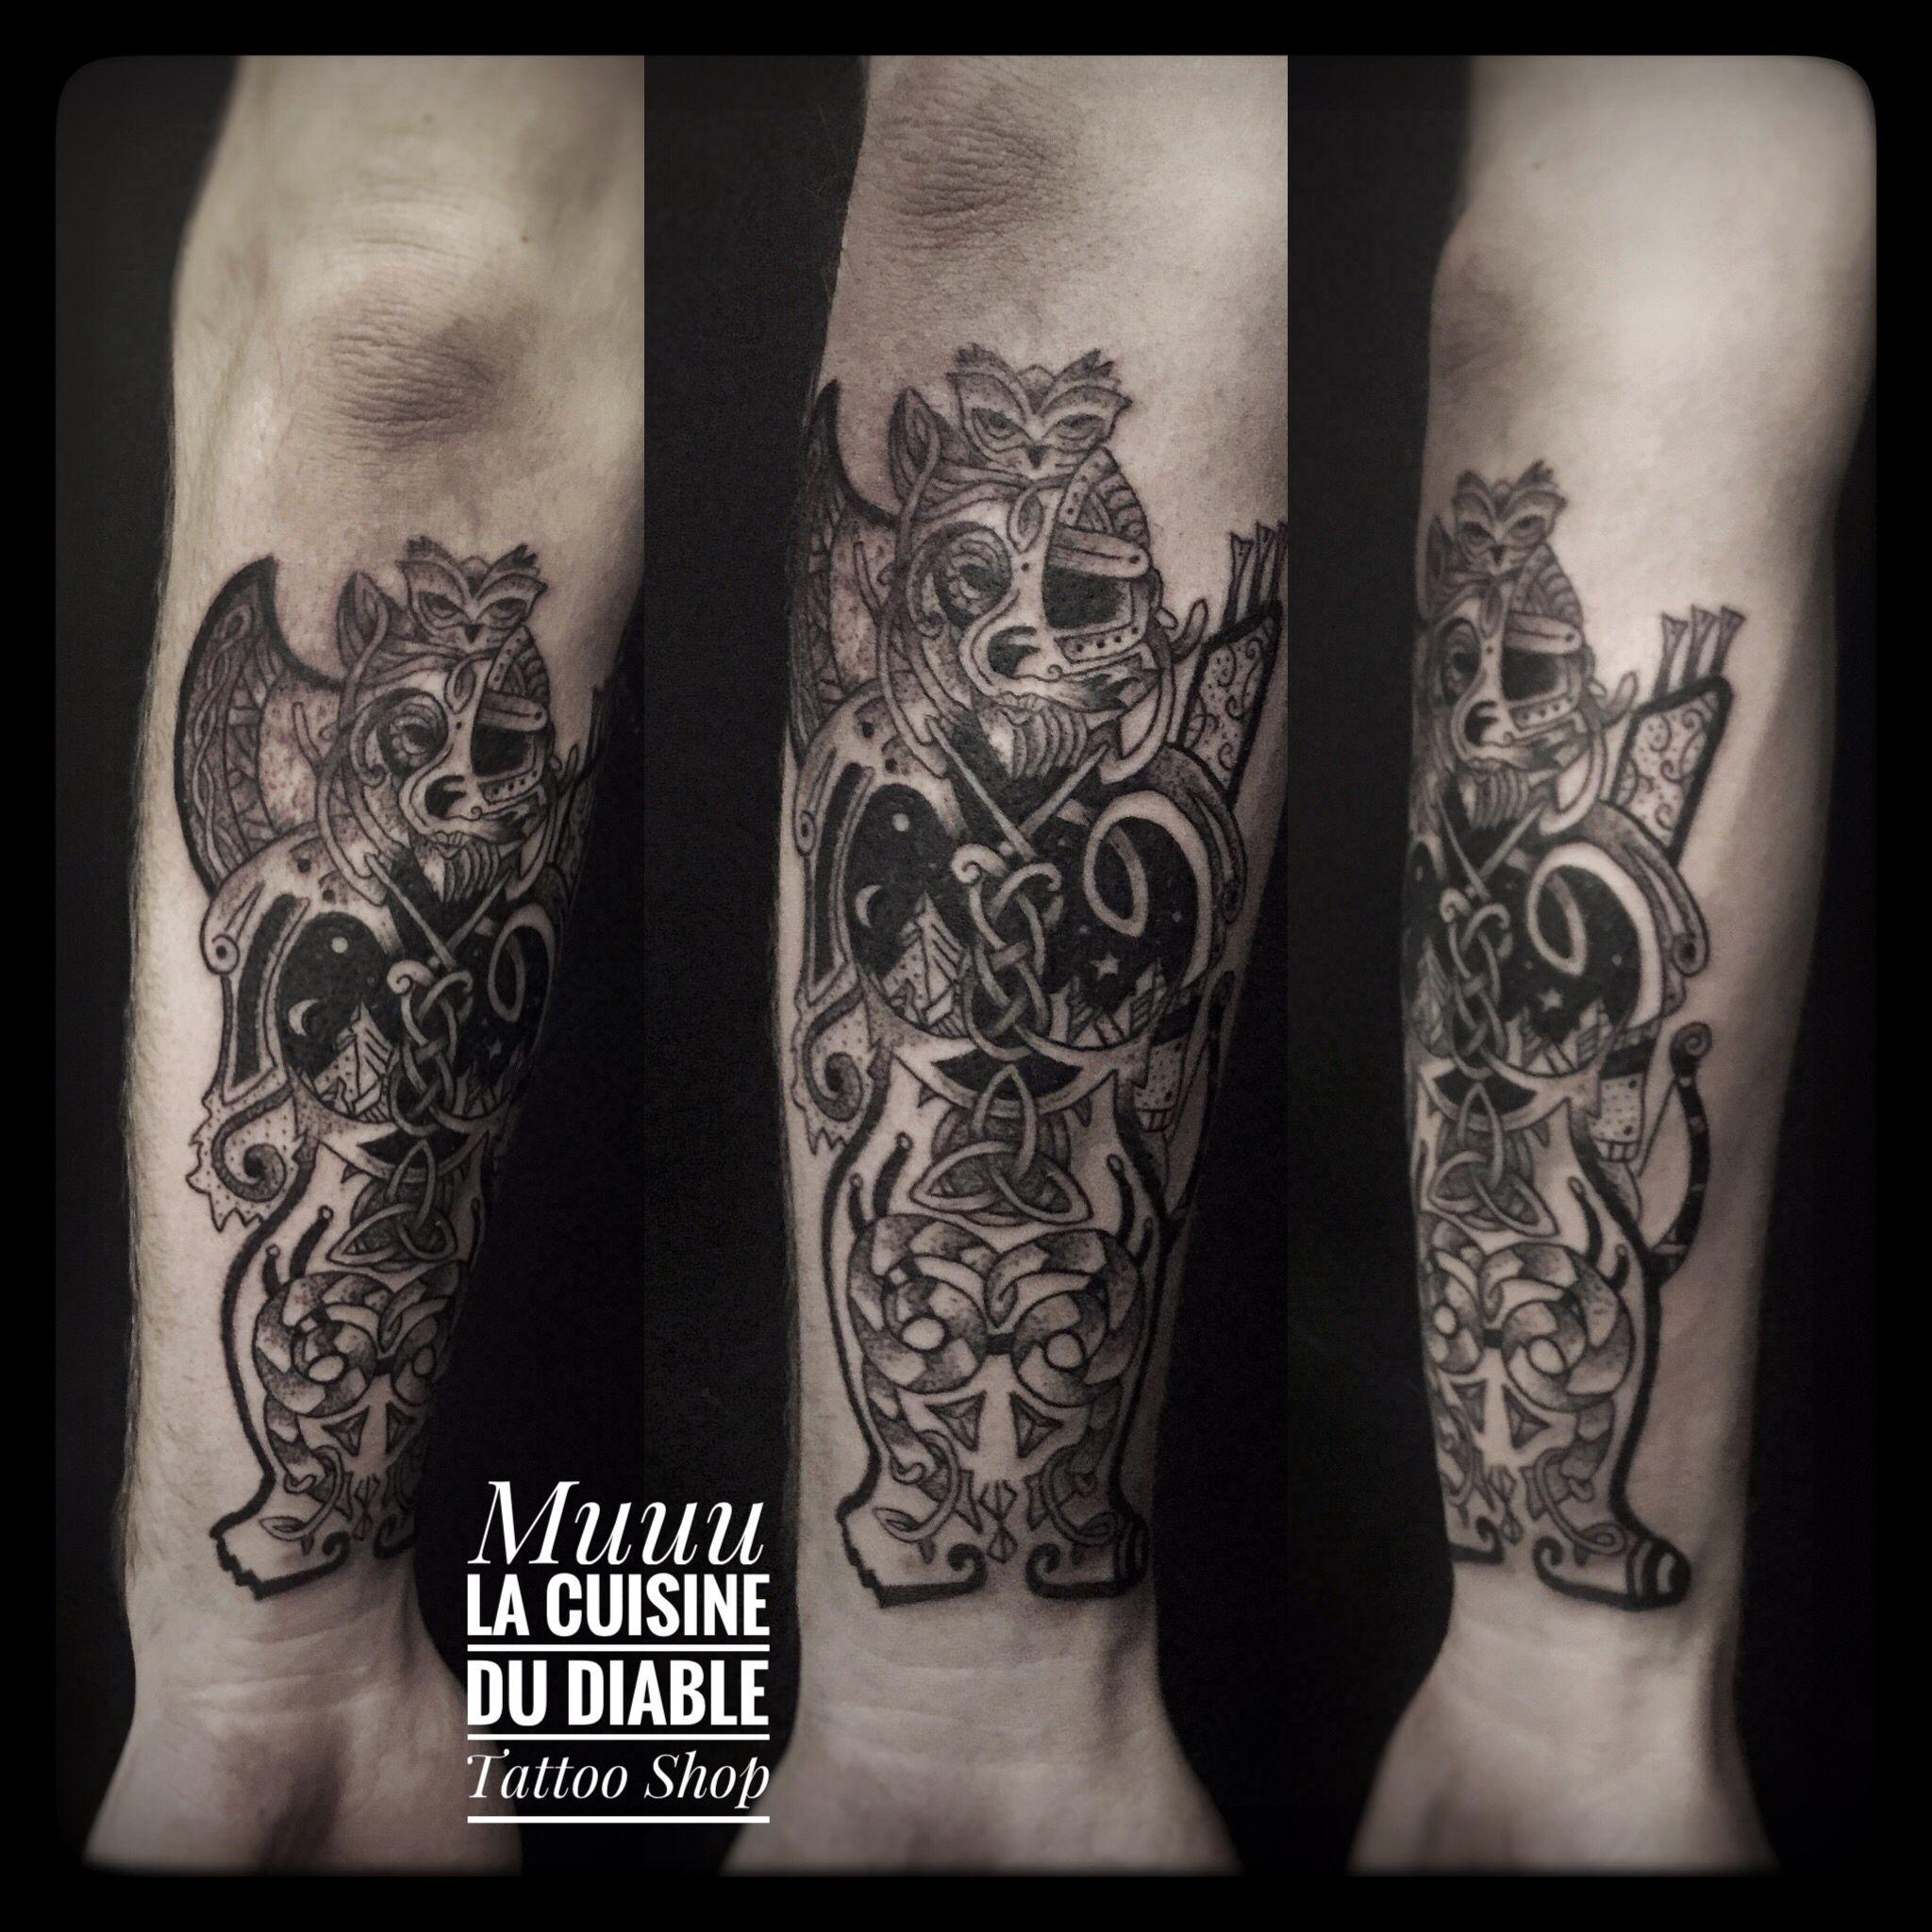 Muriel Naud La Cuisine Du Diable Tattoo Shop Grenoble Avec